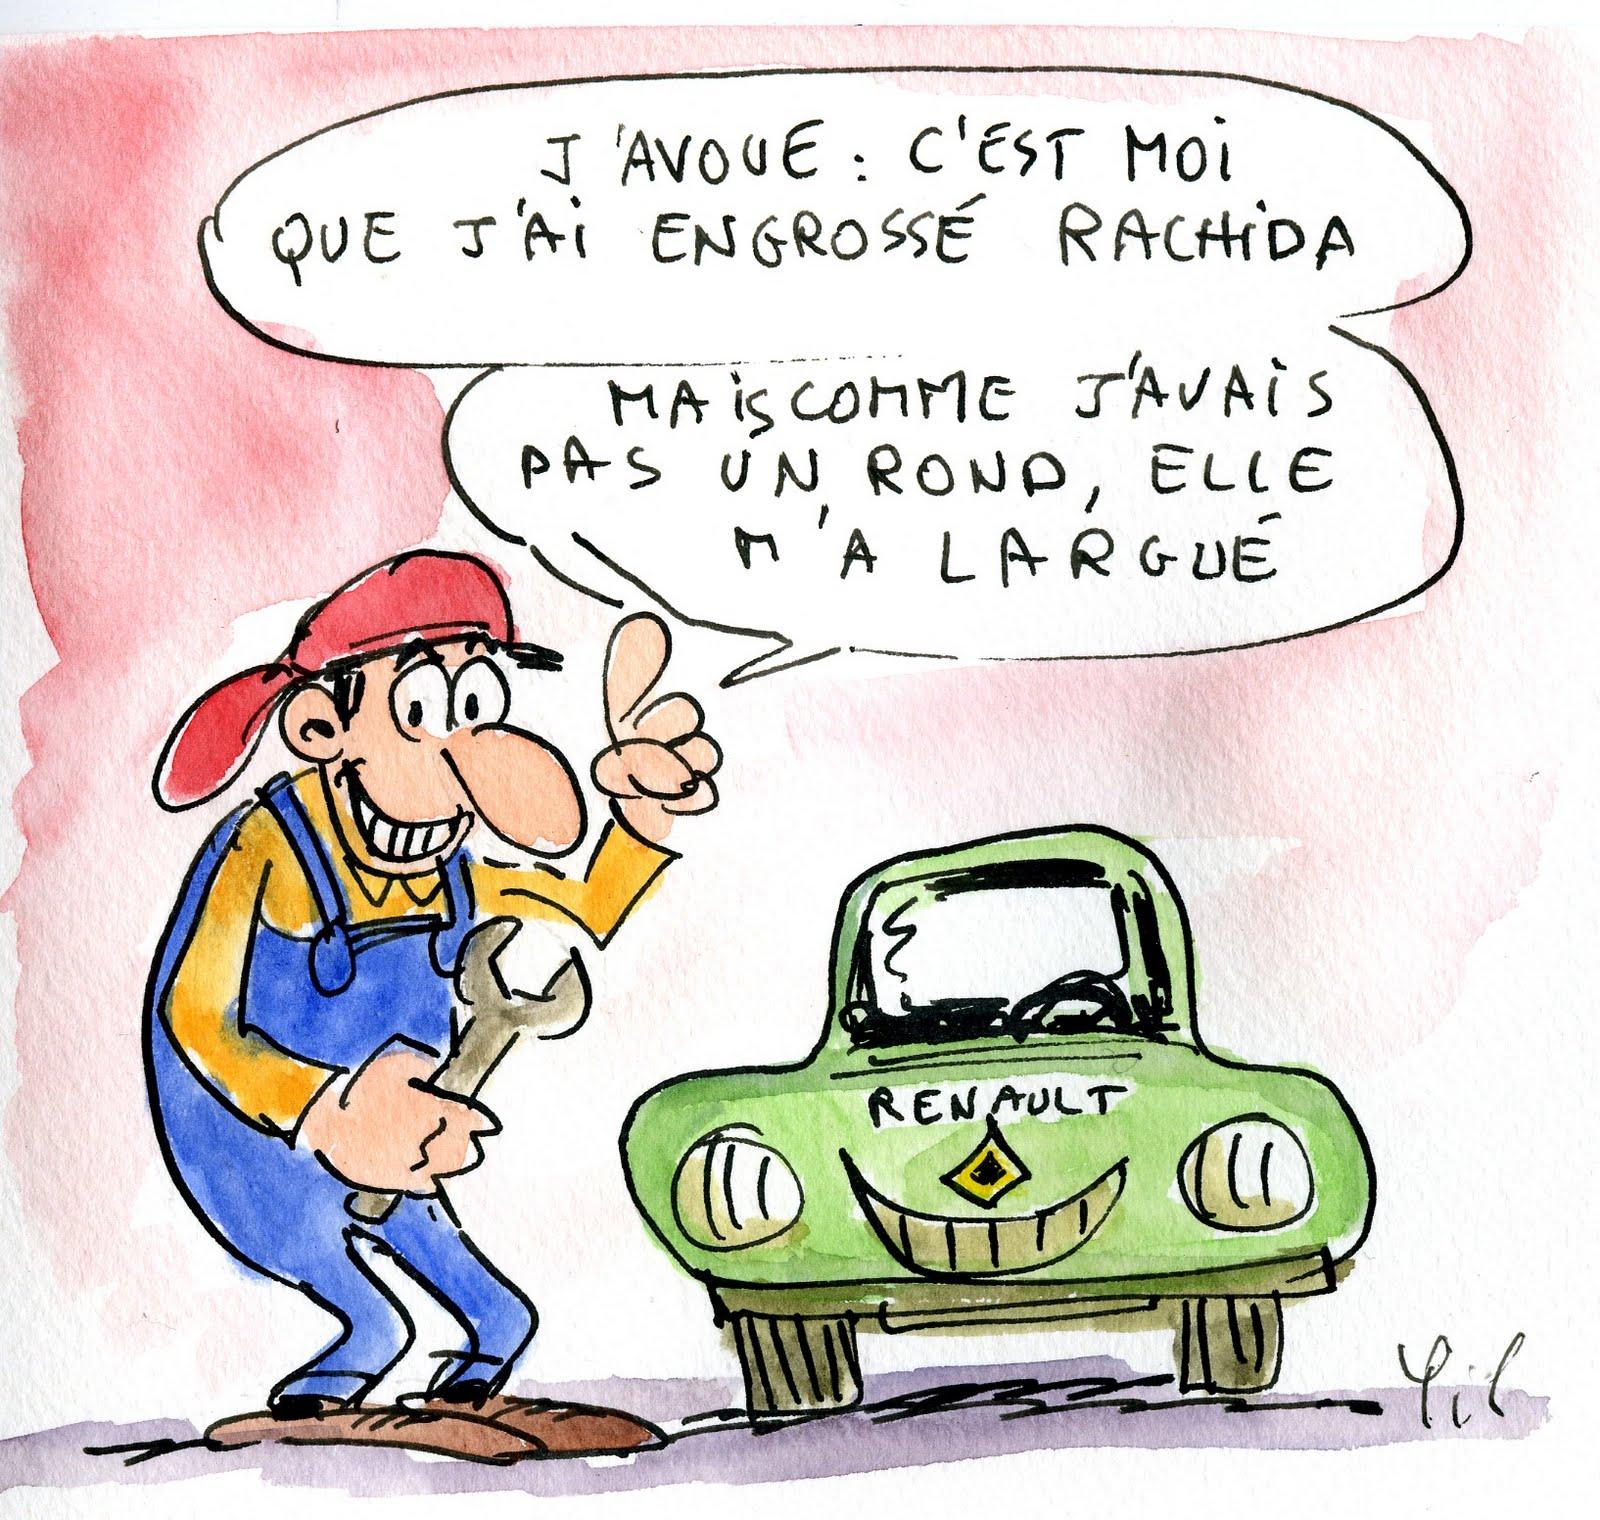 La mouche Ducoche: Rachida Dati refait la une de Paris ...